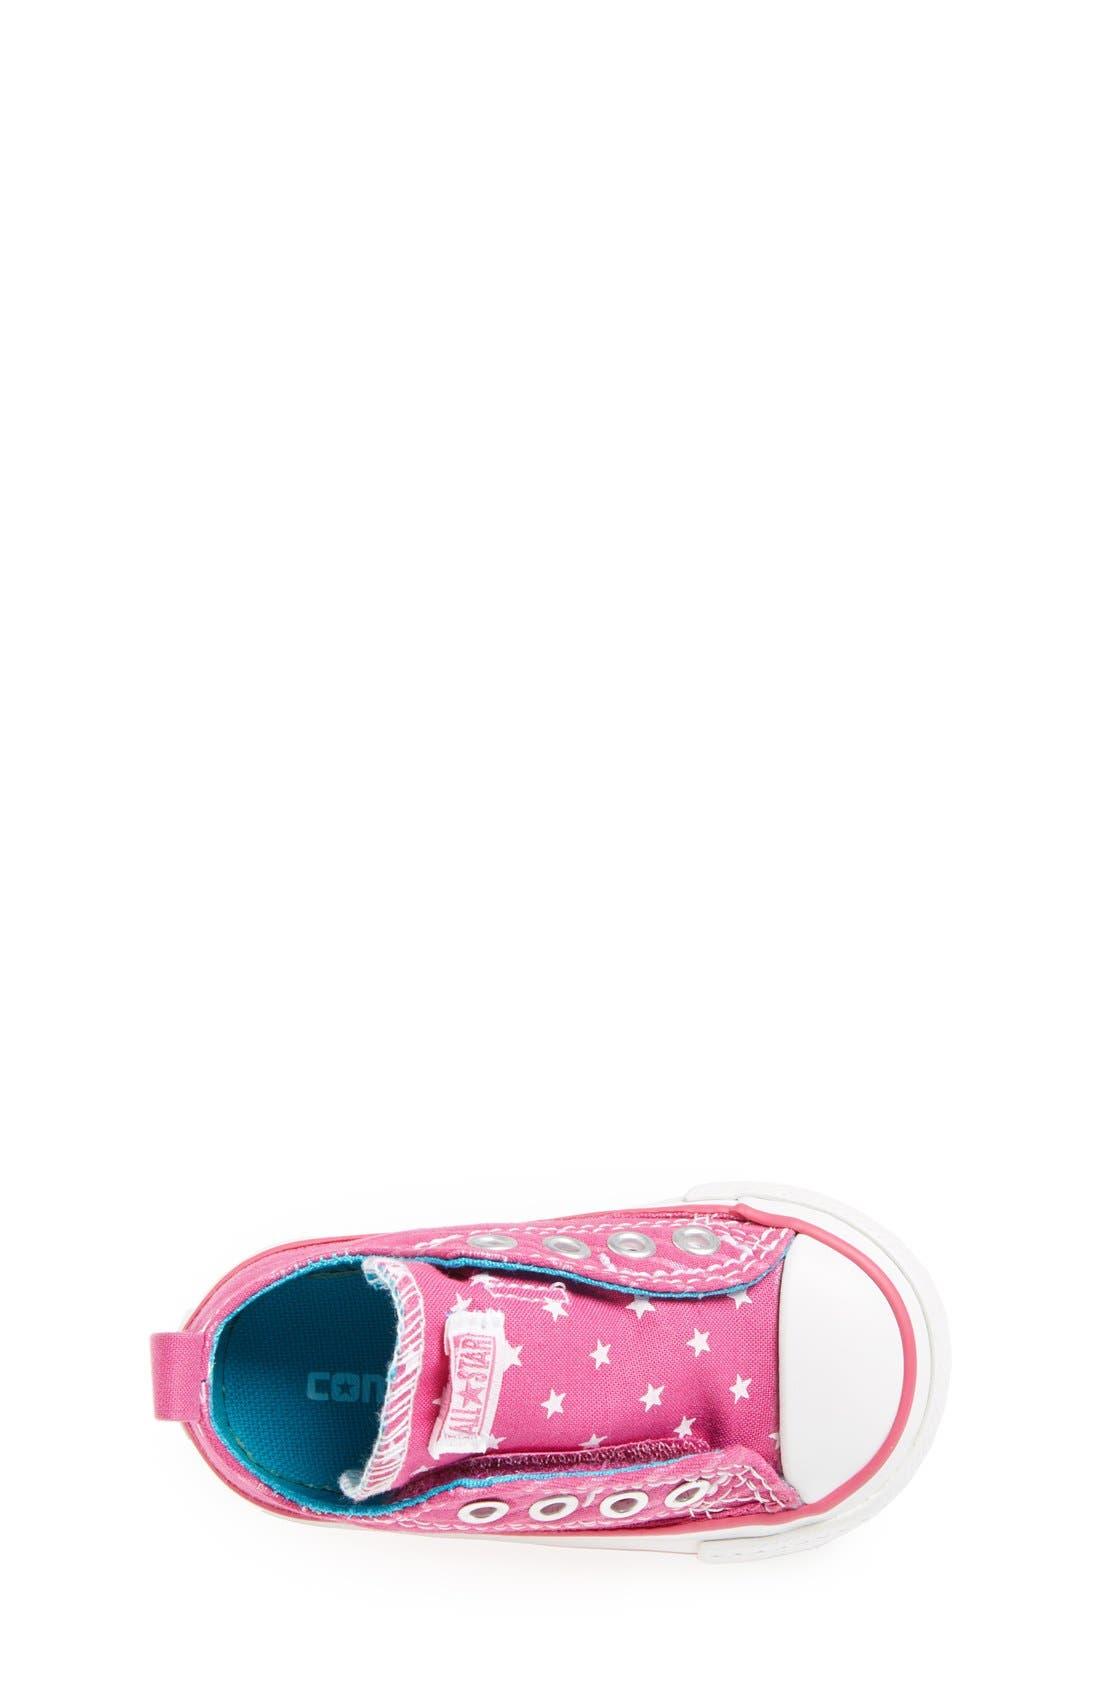 Alternate Image 3  - Converse All Star® Slip-On Sneaker (Baby, Walker & Toddler)